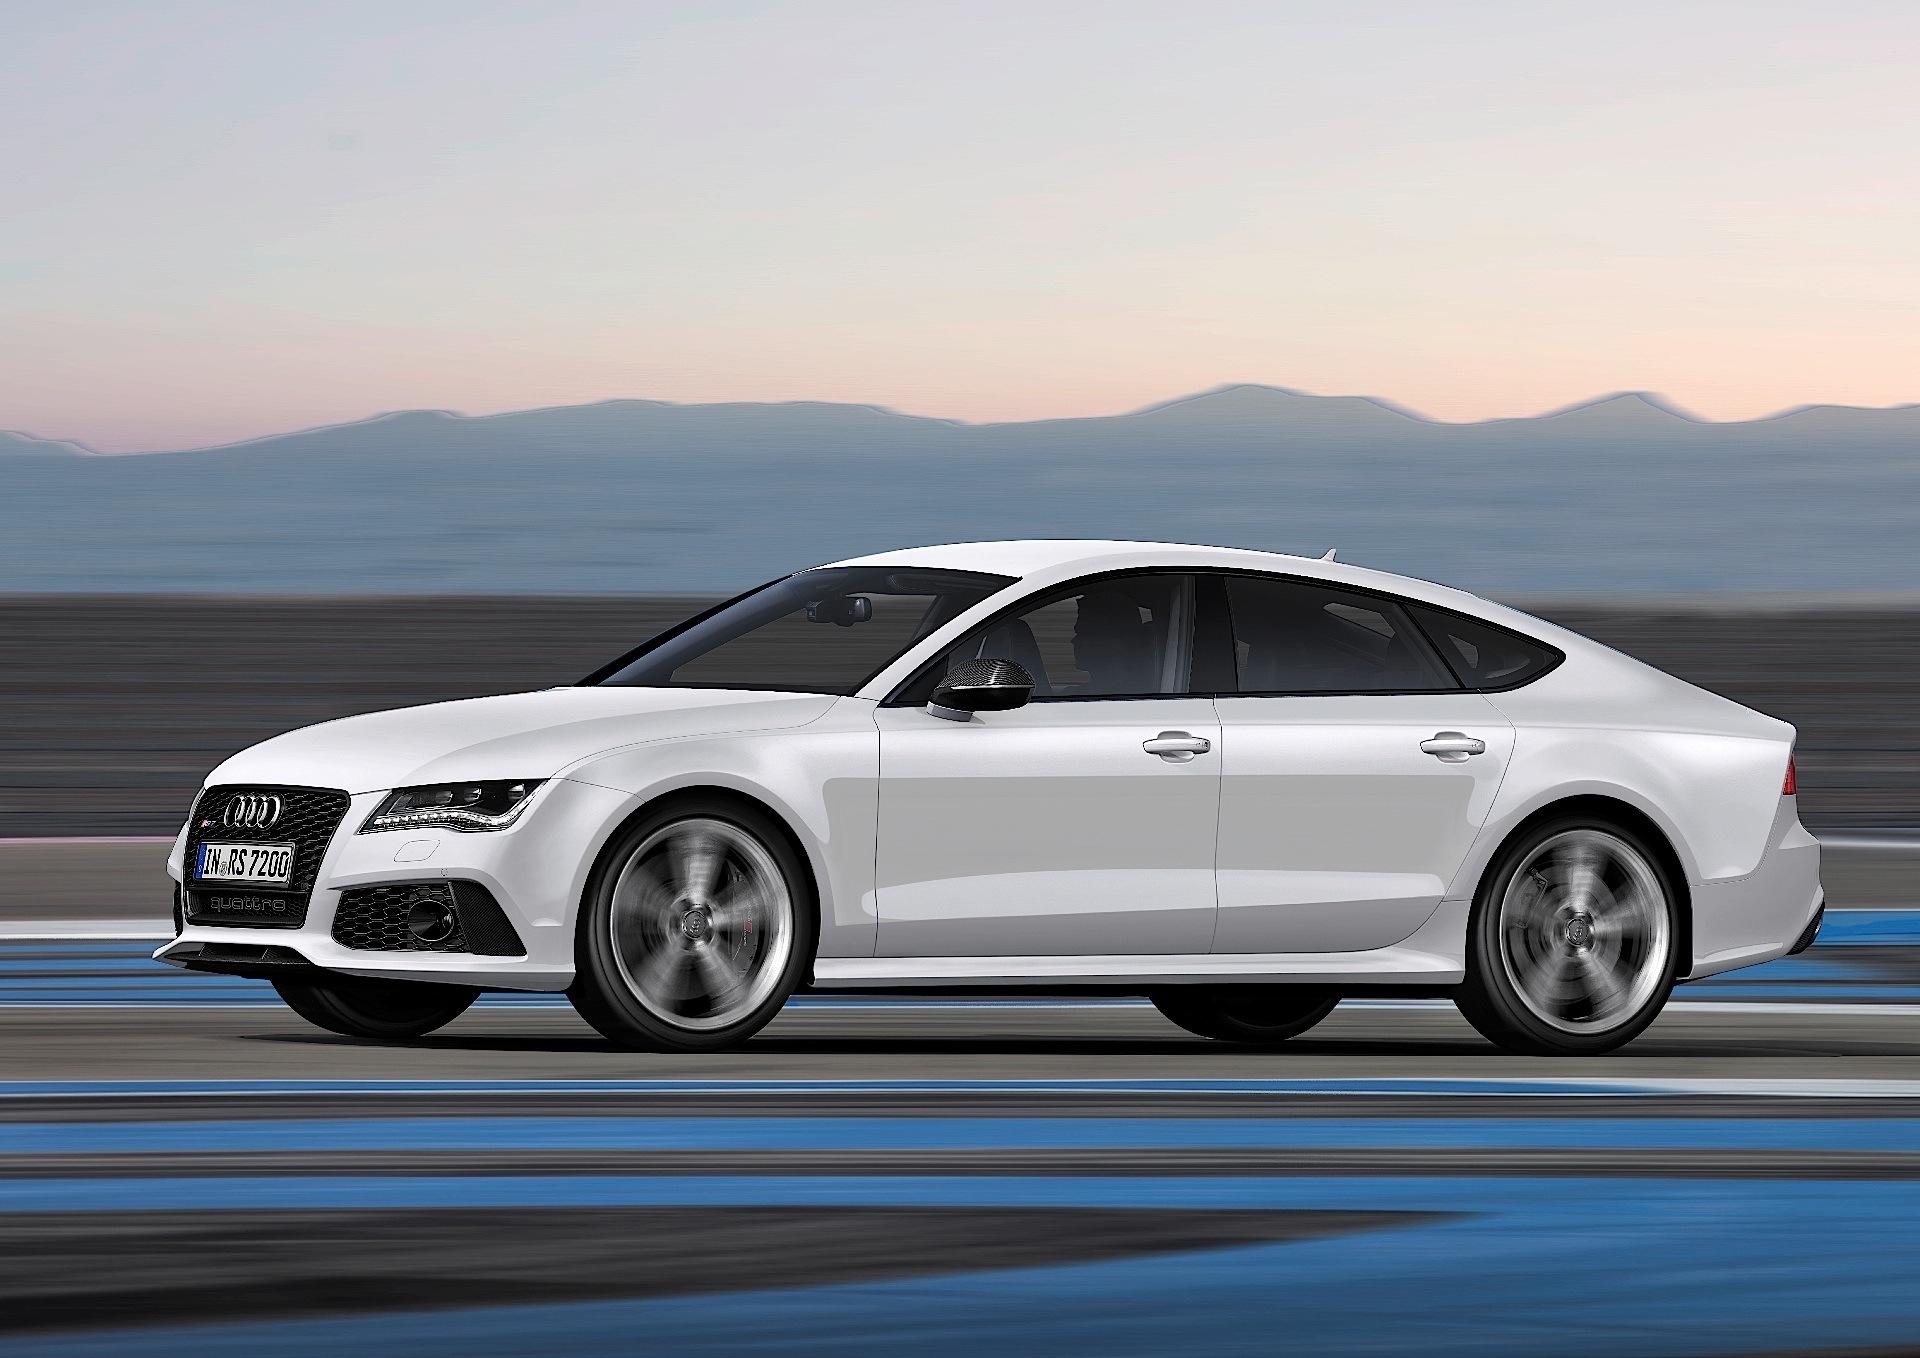 Audi rs7 horsepower 2014 11